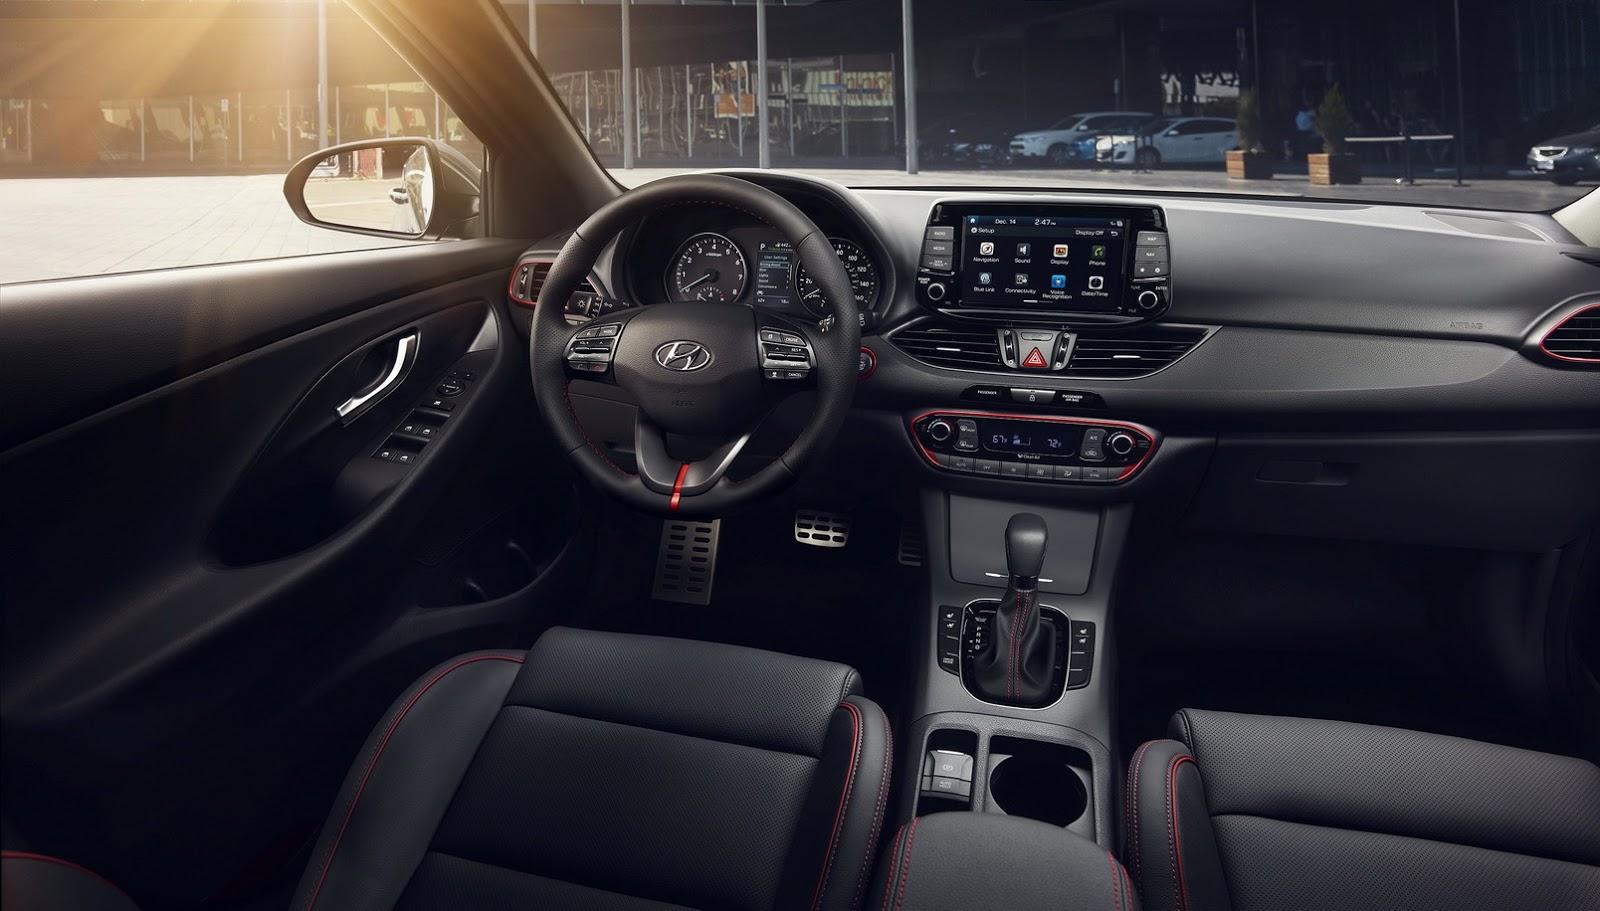 Hyundai Elantra GT 2018 (77)